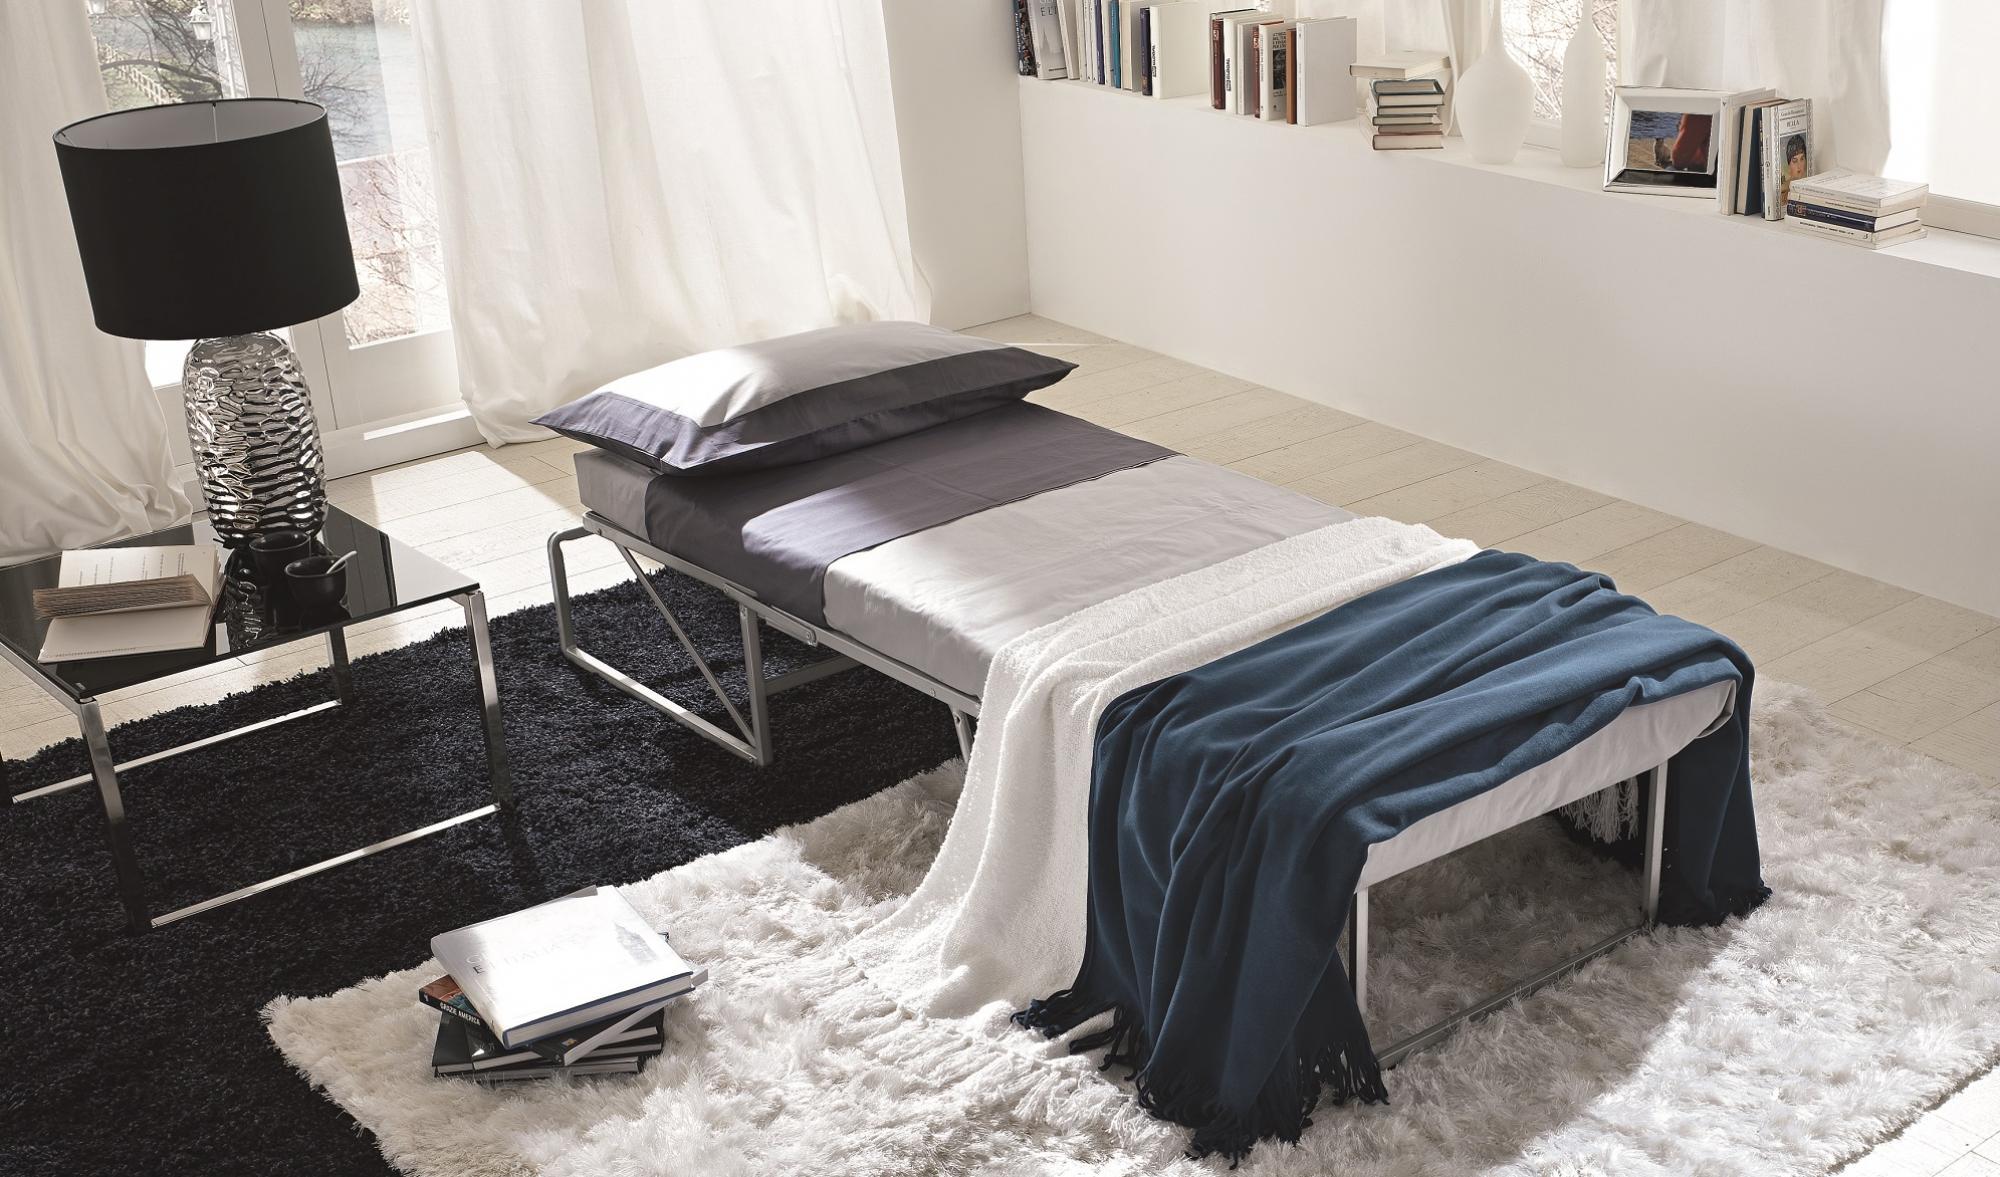 Electa poltrone lounge calligaris arredi 2000 for Poltrone calligaris prezzi